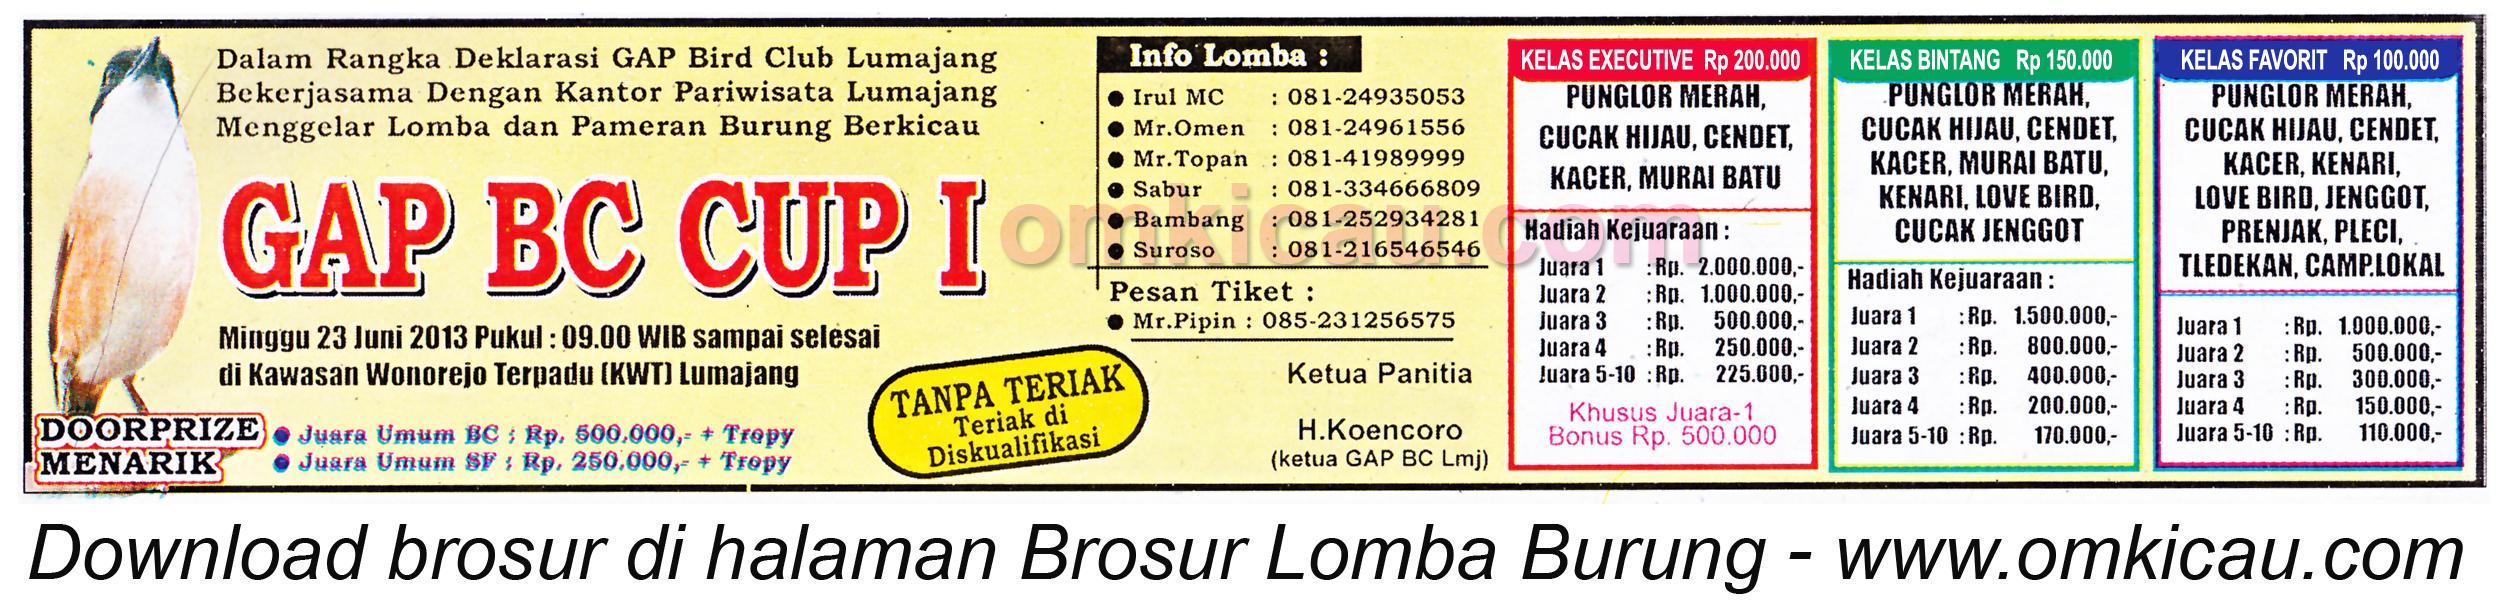 Brosur Lomba Burung GAP BC Cup Lumajang 23 Juni 2013